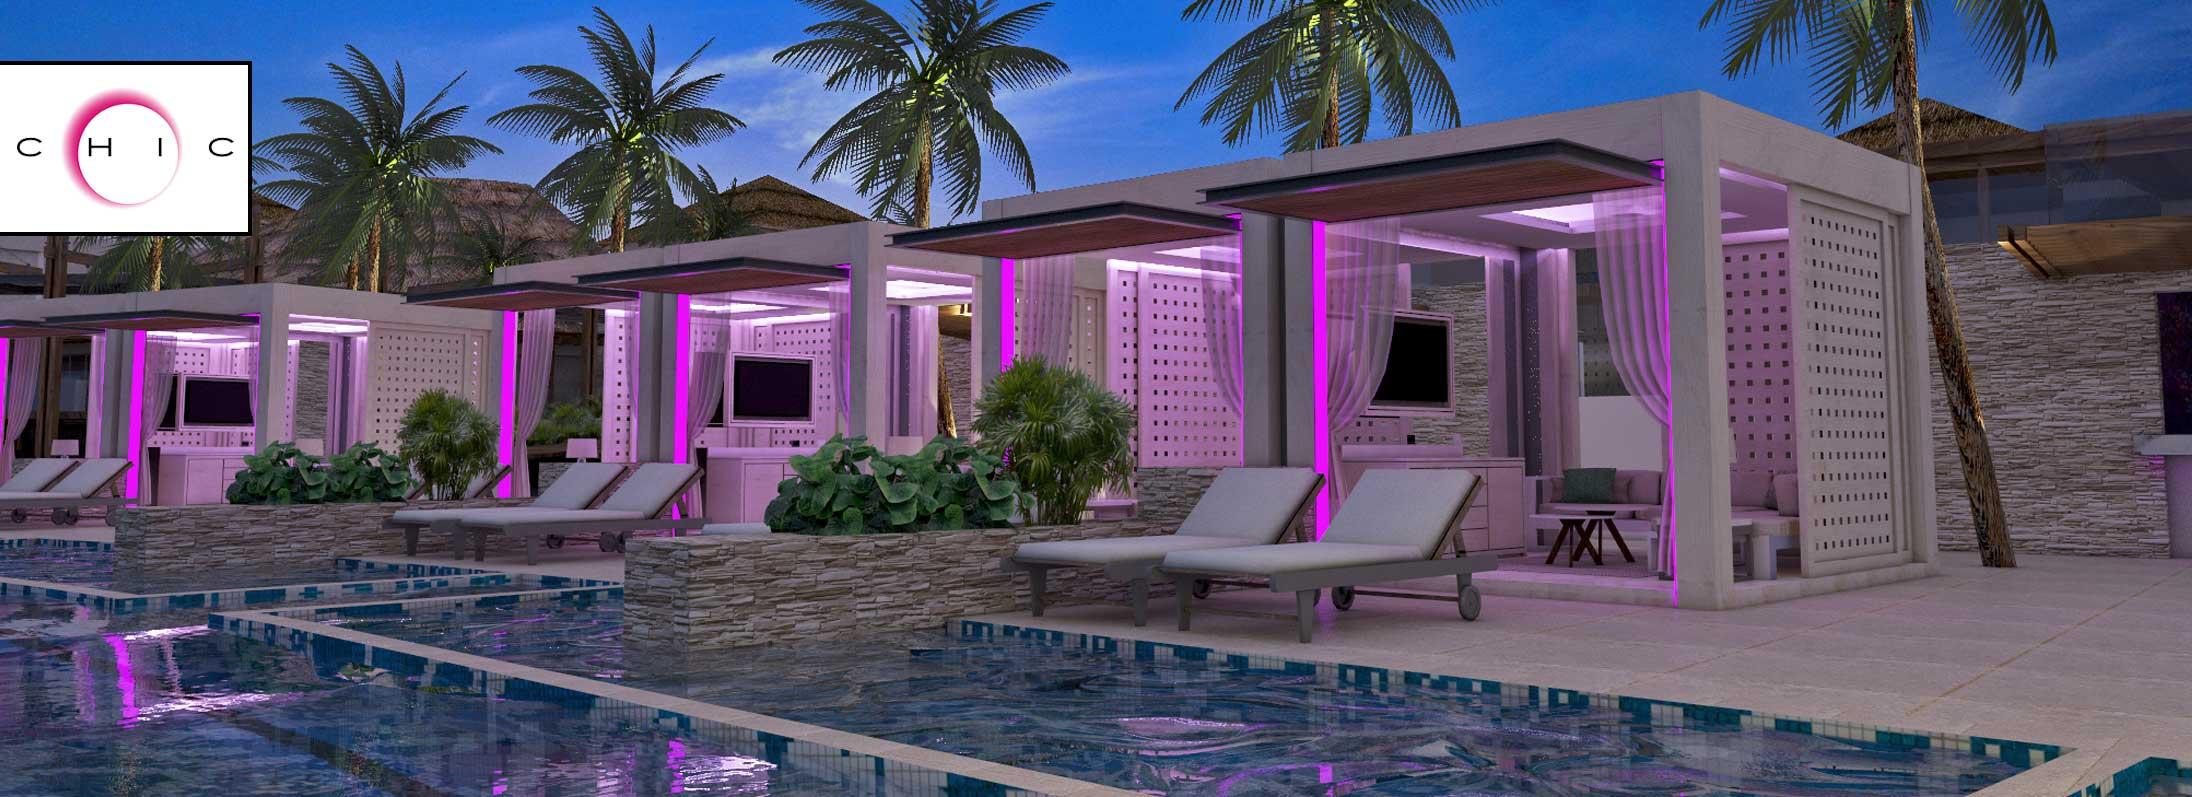 All inclusive CHIC by Royalton in DOMINICAN-REPUBLIC on Chic By Royalton All Exclusive Resort - All Inclusive  id=80671